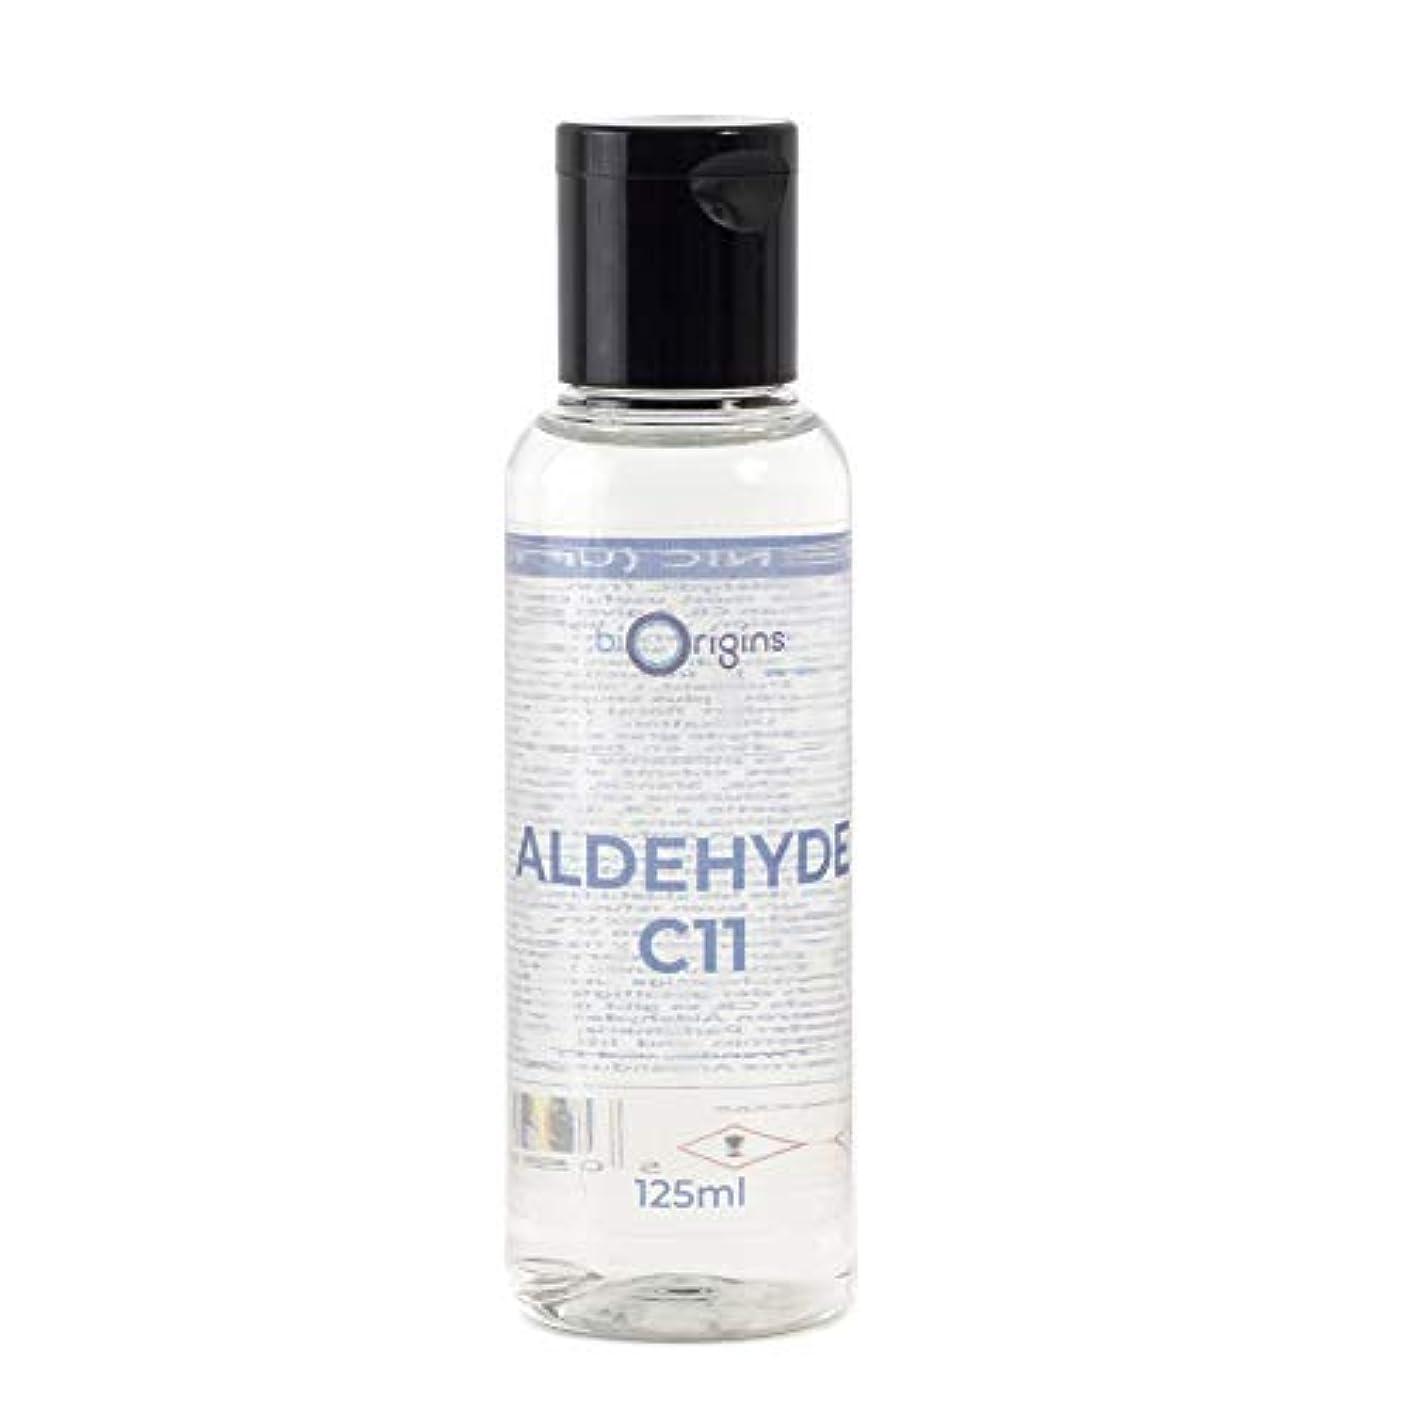 精神的に記念解釈Mystic Moments | Aldehyde C11 ENIC (Undecenal) - 125ml